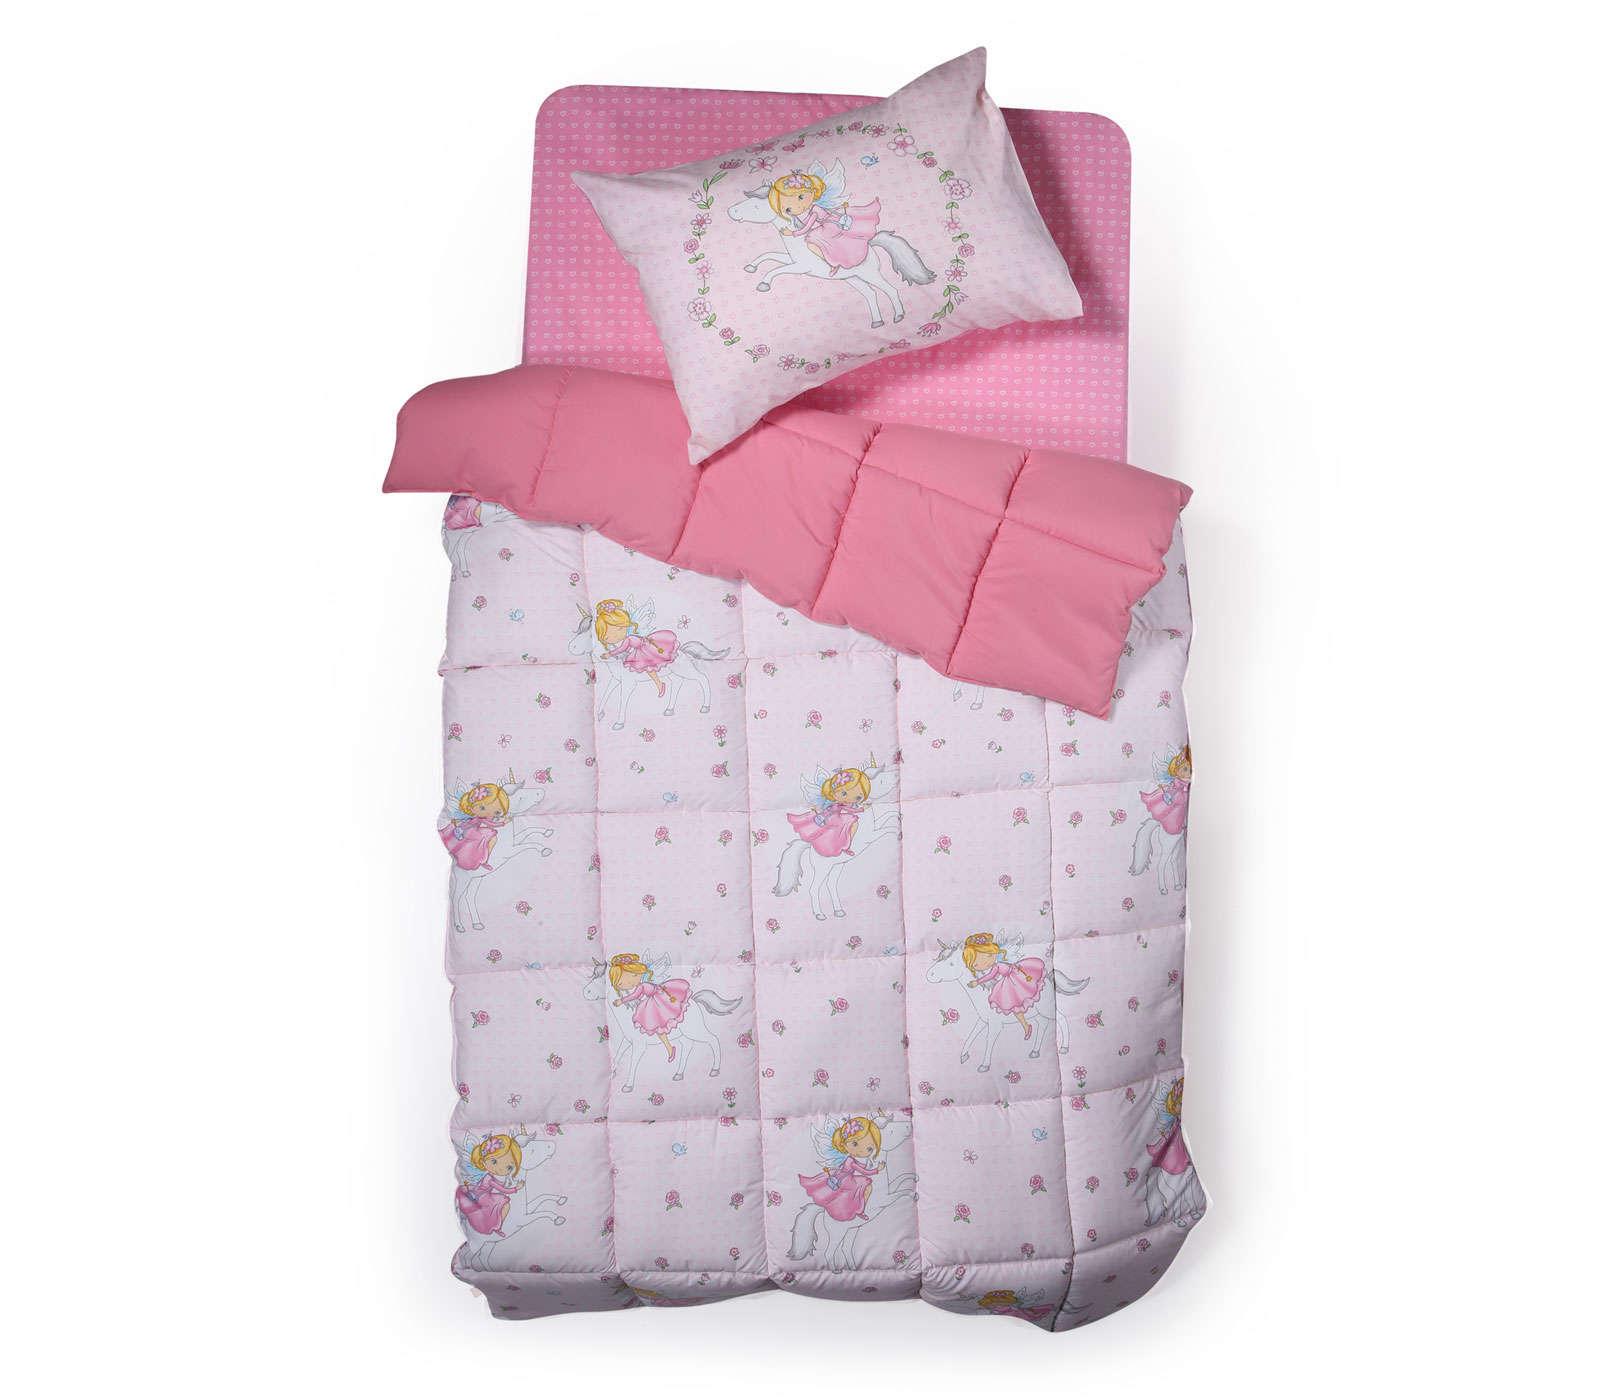 Πάπλωμα I Love My Unicorn Pink Nef Nef Μονό 160x220cm